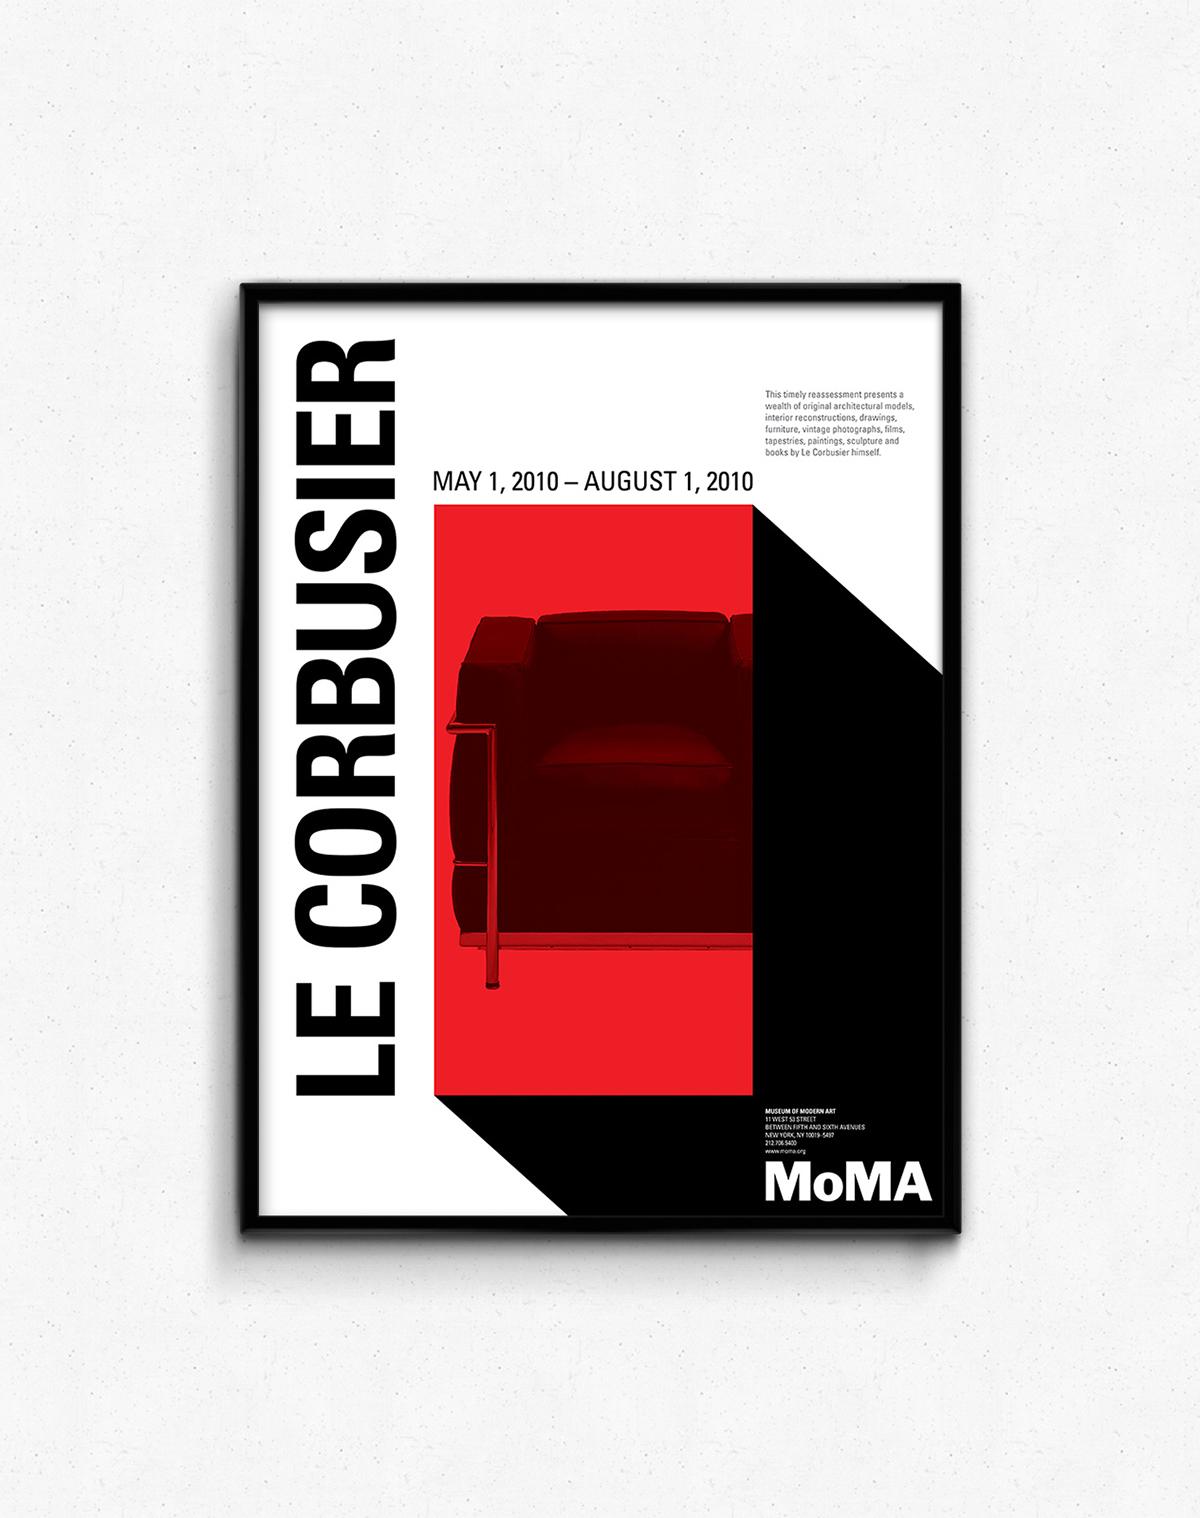 Le Corbusier at MoMA on RISD Portfolios